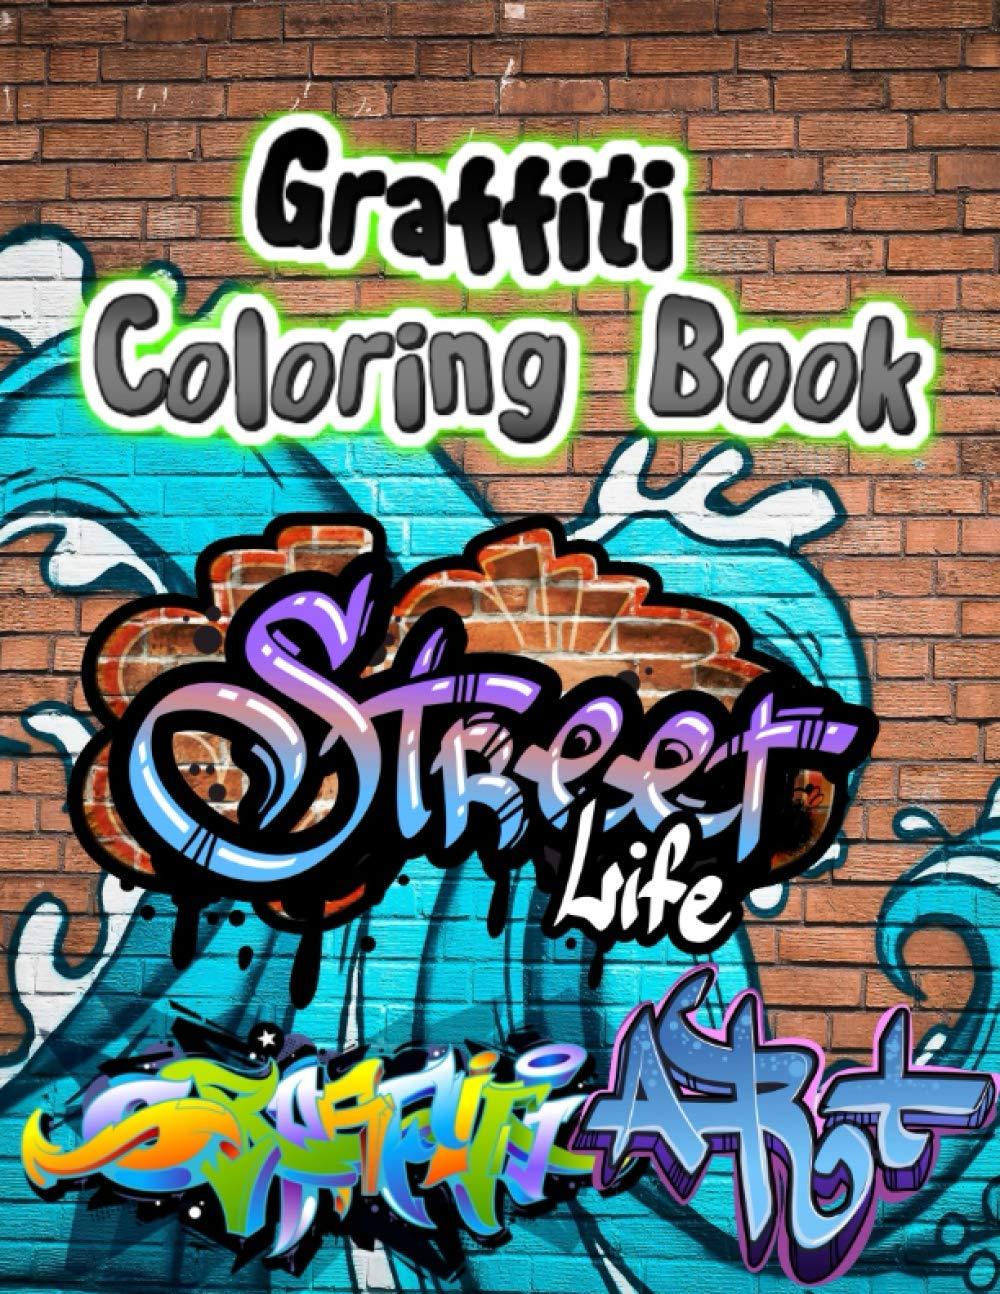 Graffiti Coloring Book: Graffiti Colouring Books for Adults ...